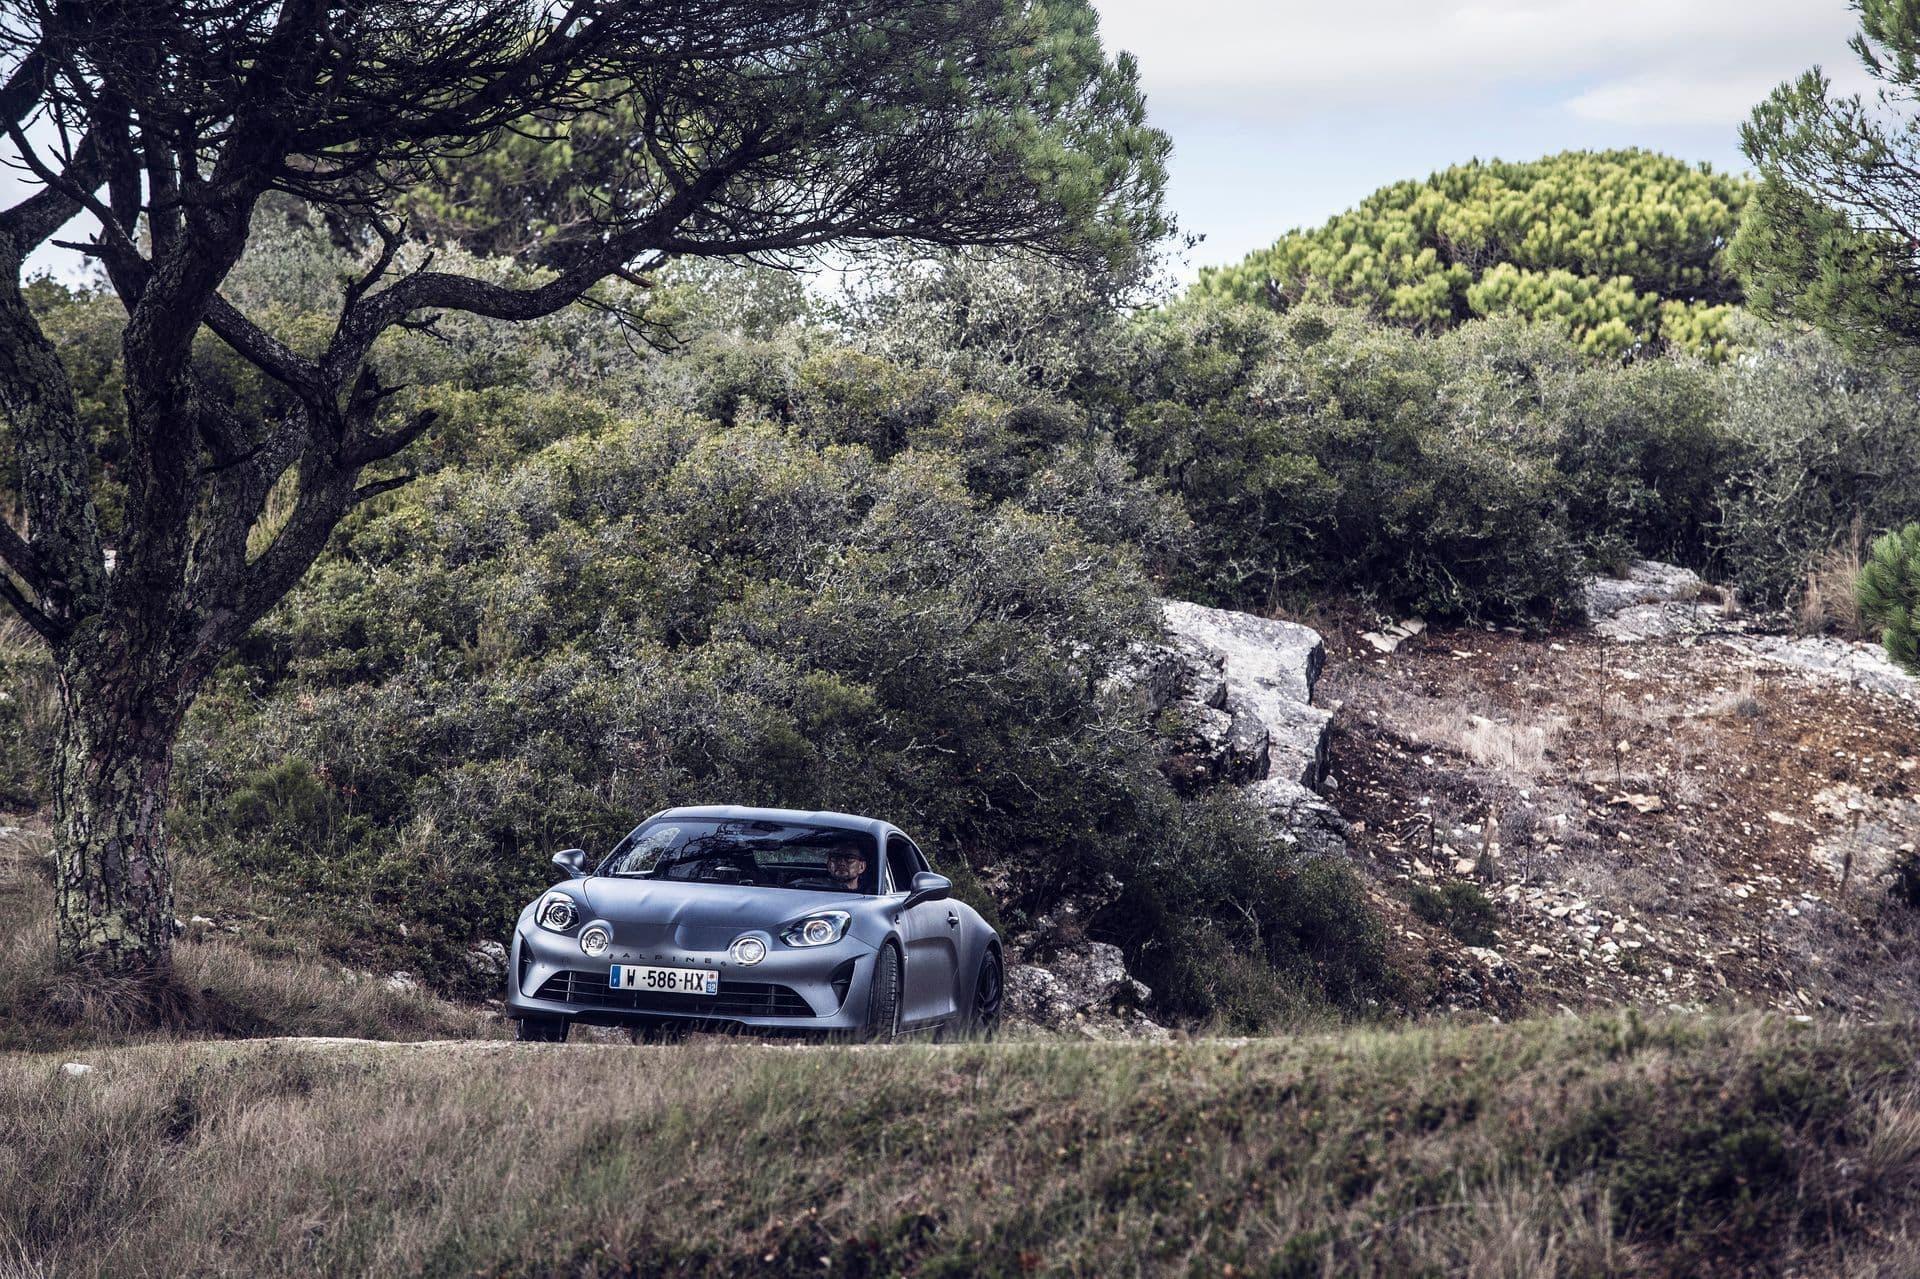 Un Alpine A110 le servirá a Ocon para debutar en los rallyes.